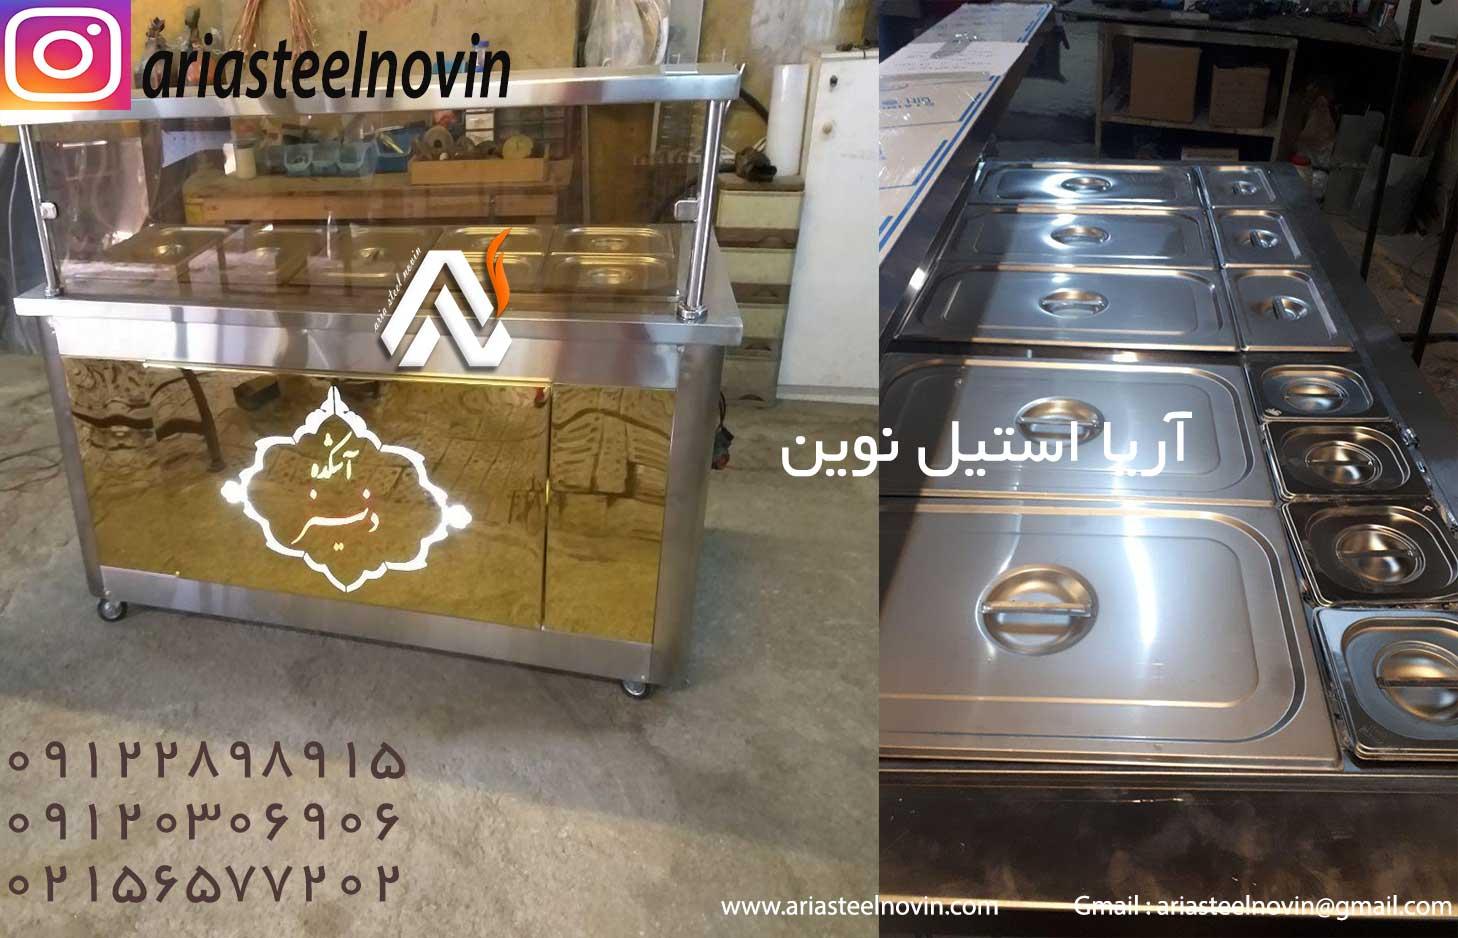 تاپینگ-گرم-در-تجهیزات-آشپزخانه-صنعتی